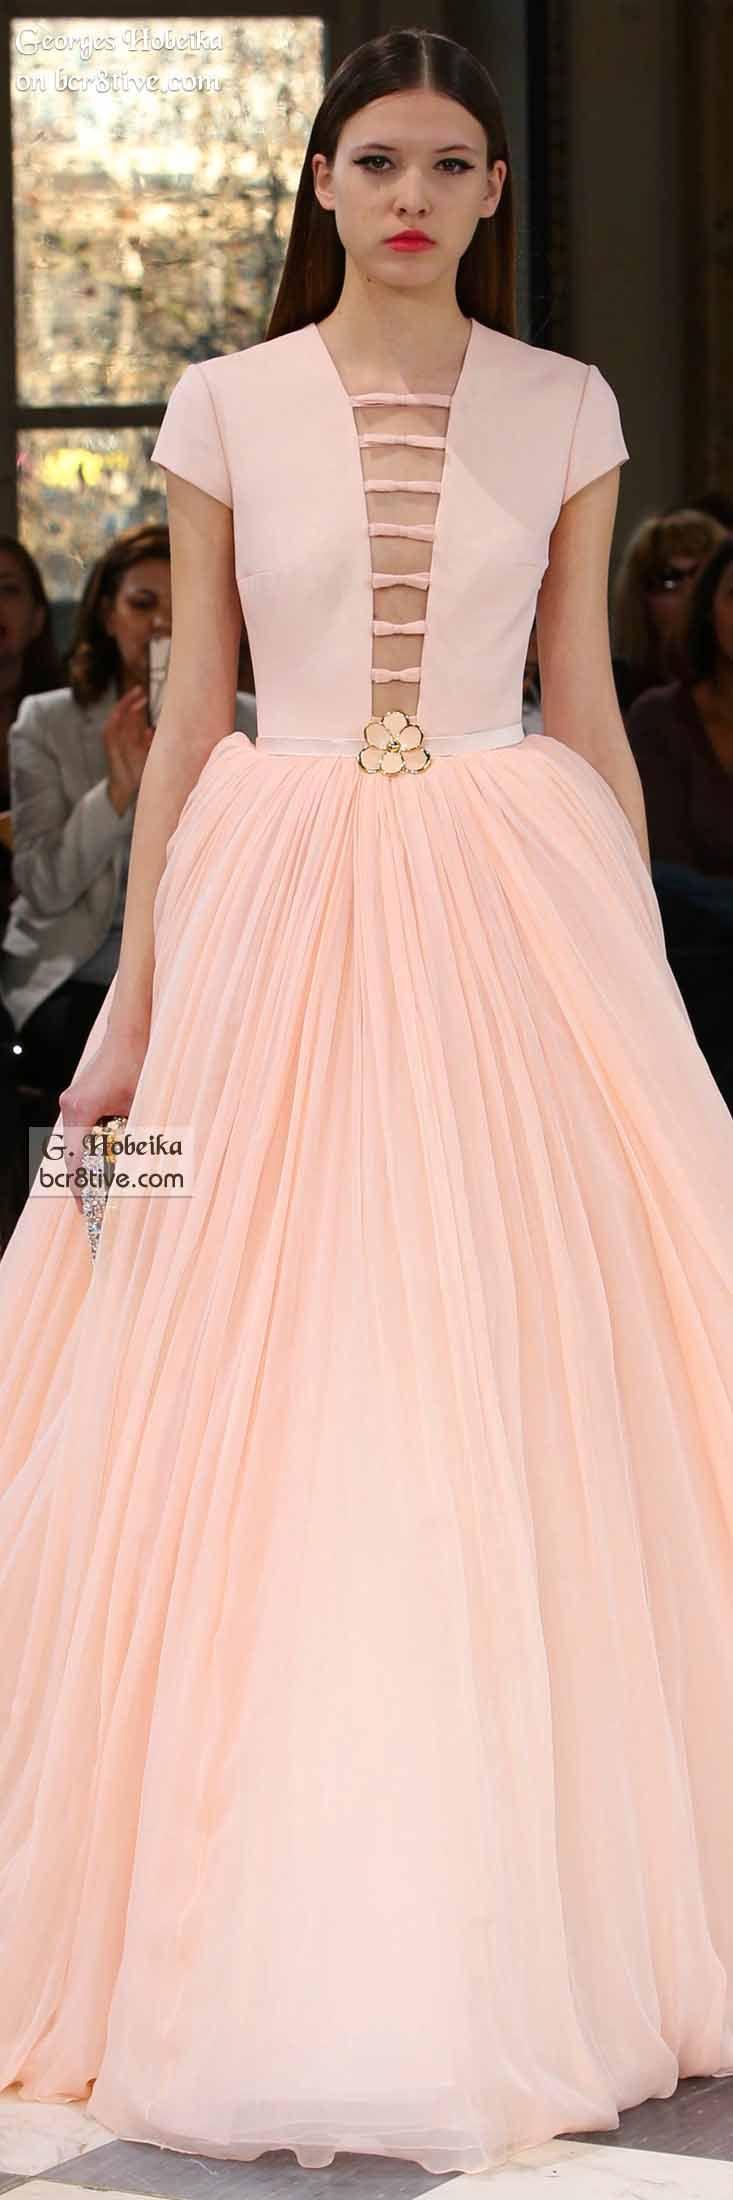 196 mejores imágenes de pretty dress for lyrical en Pinterest | Alta ...